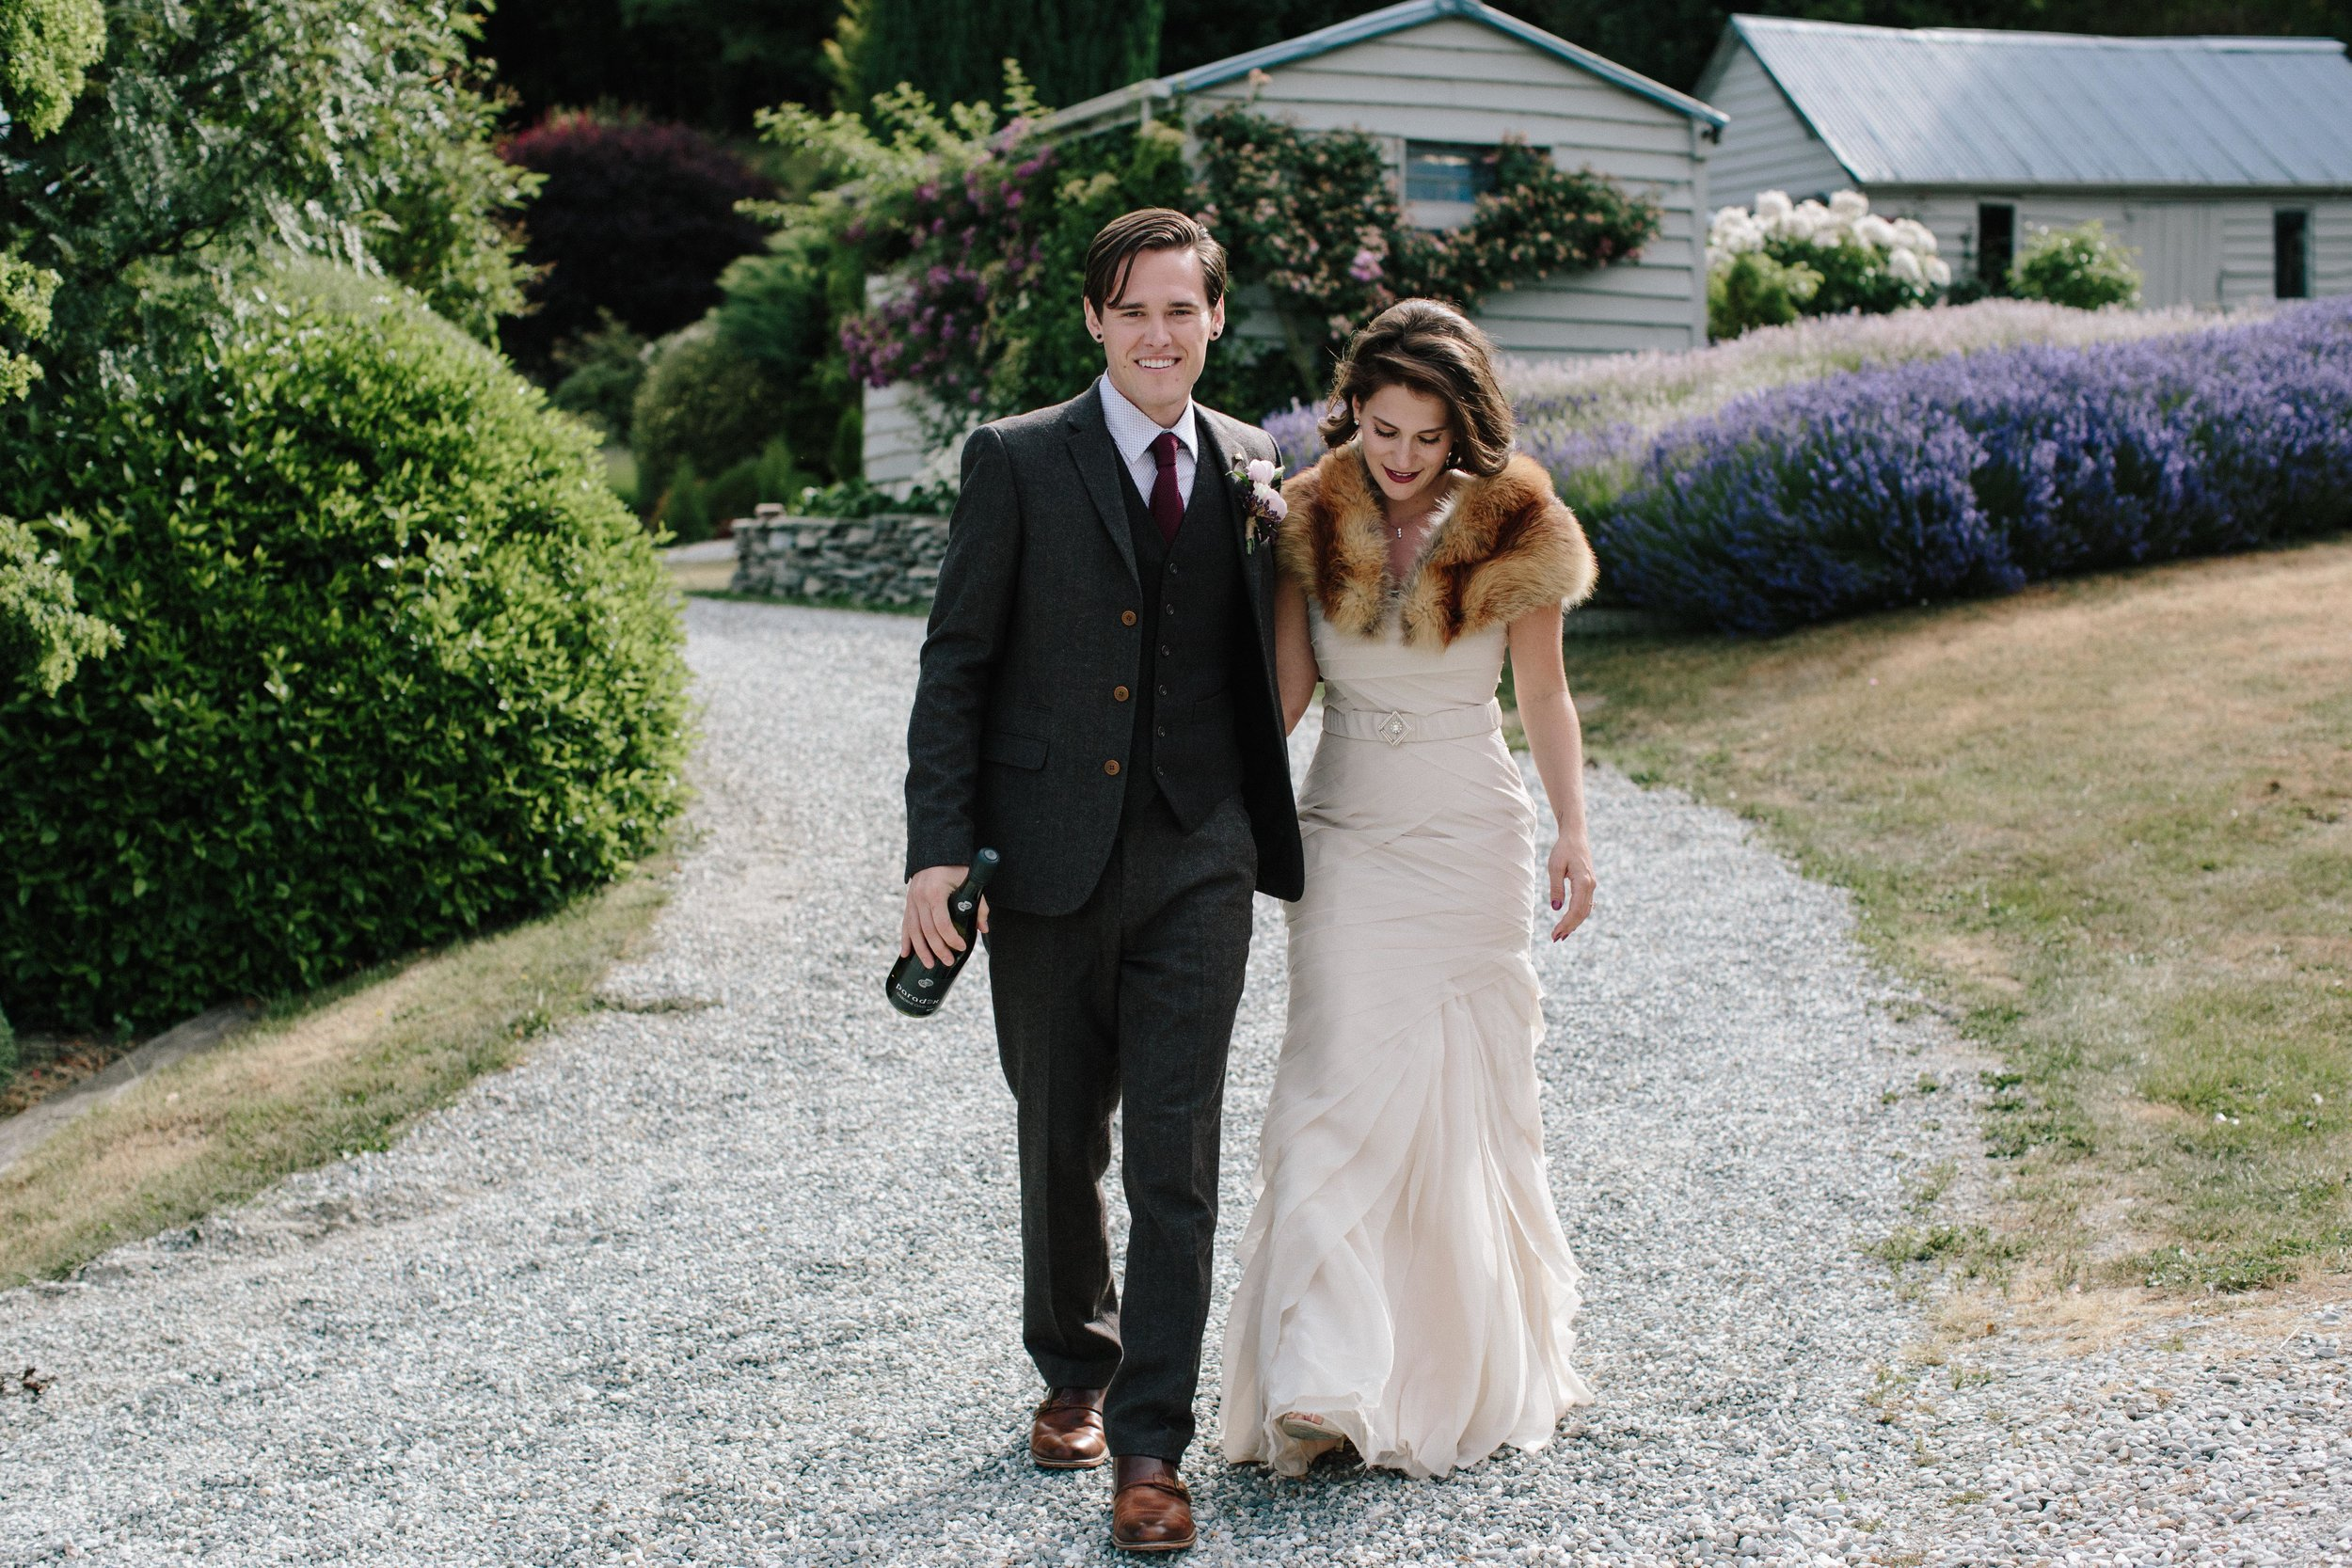 Bride-Groom-New Zealand-Elopement.jpg